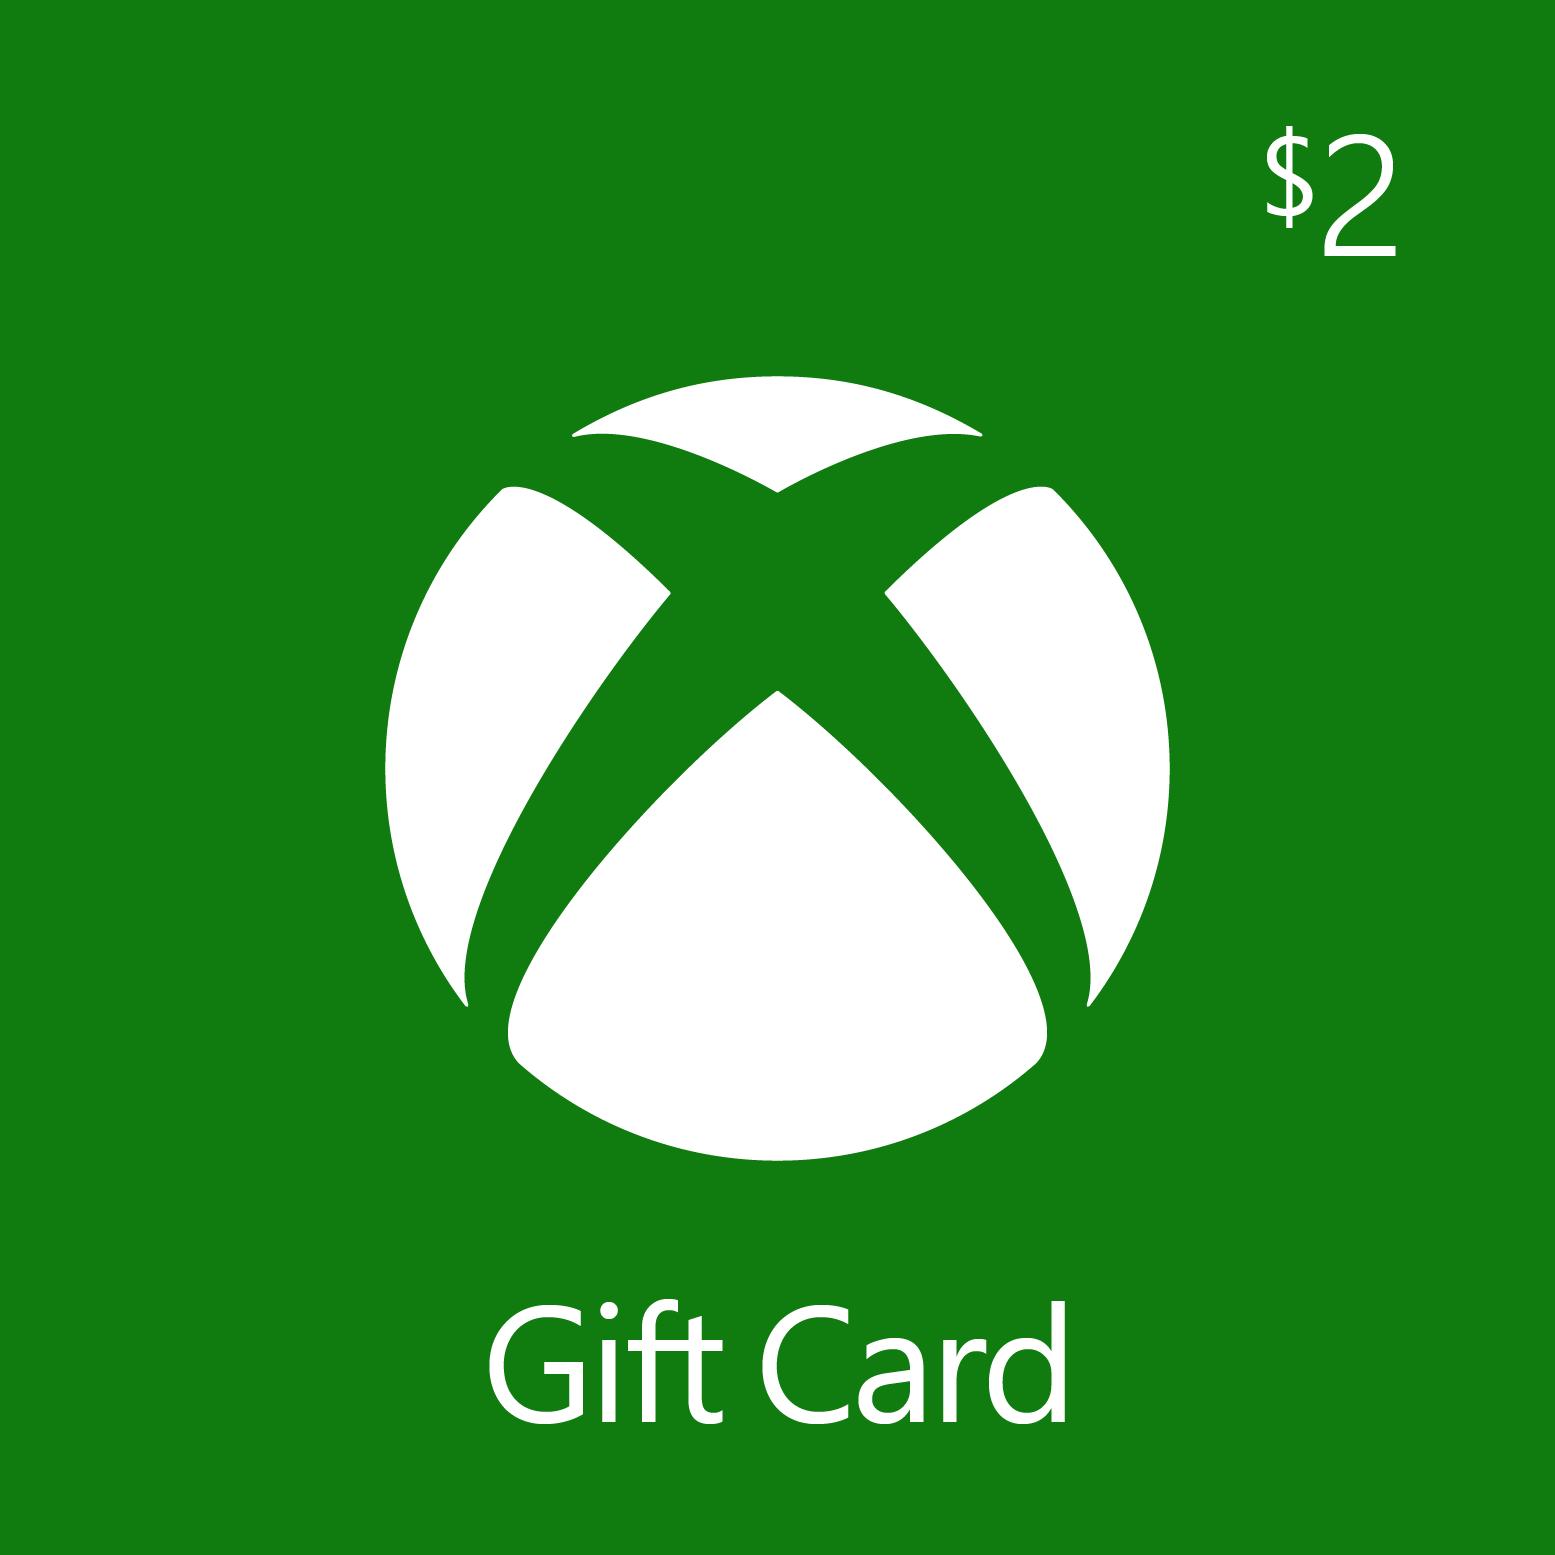 $2.00 Xbox Digital Gift Card